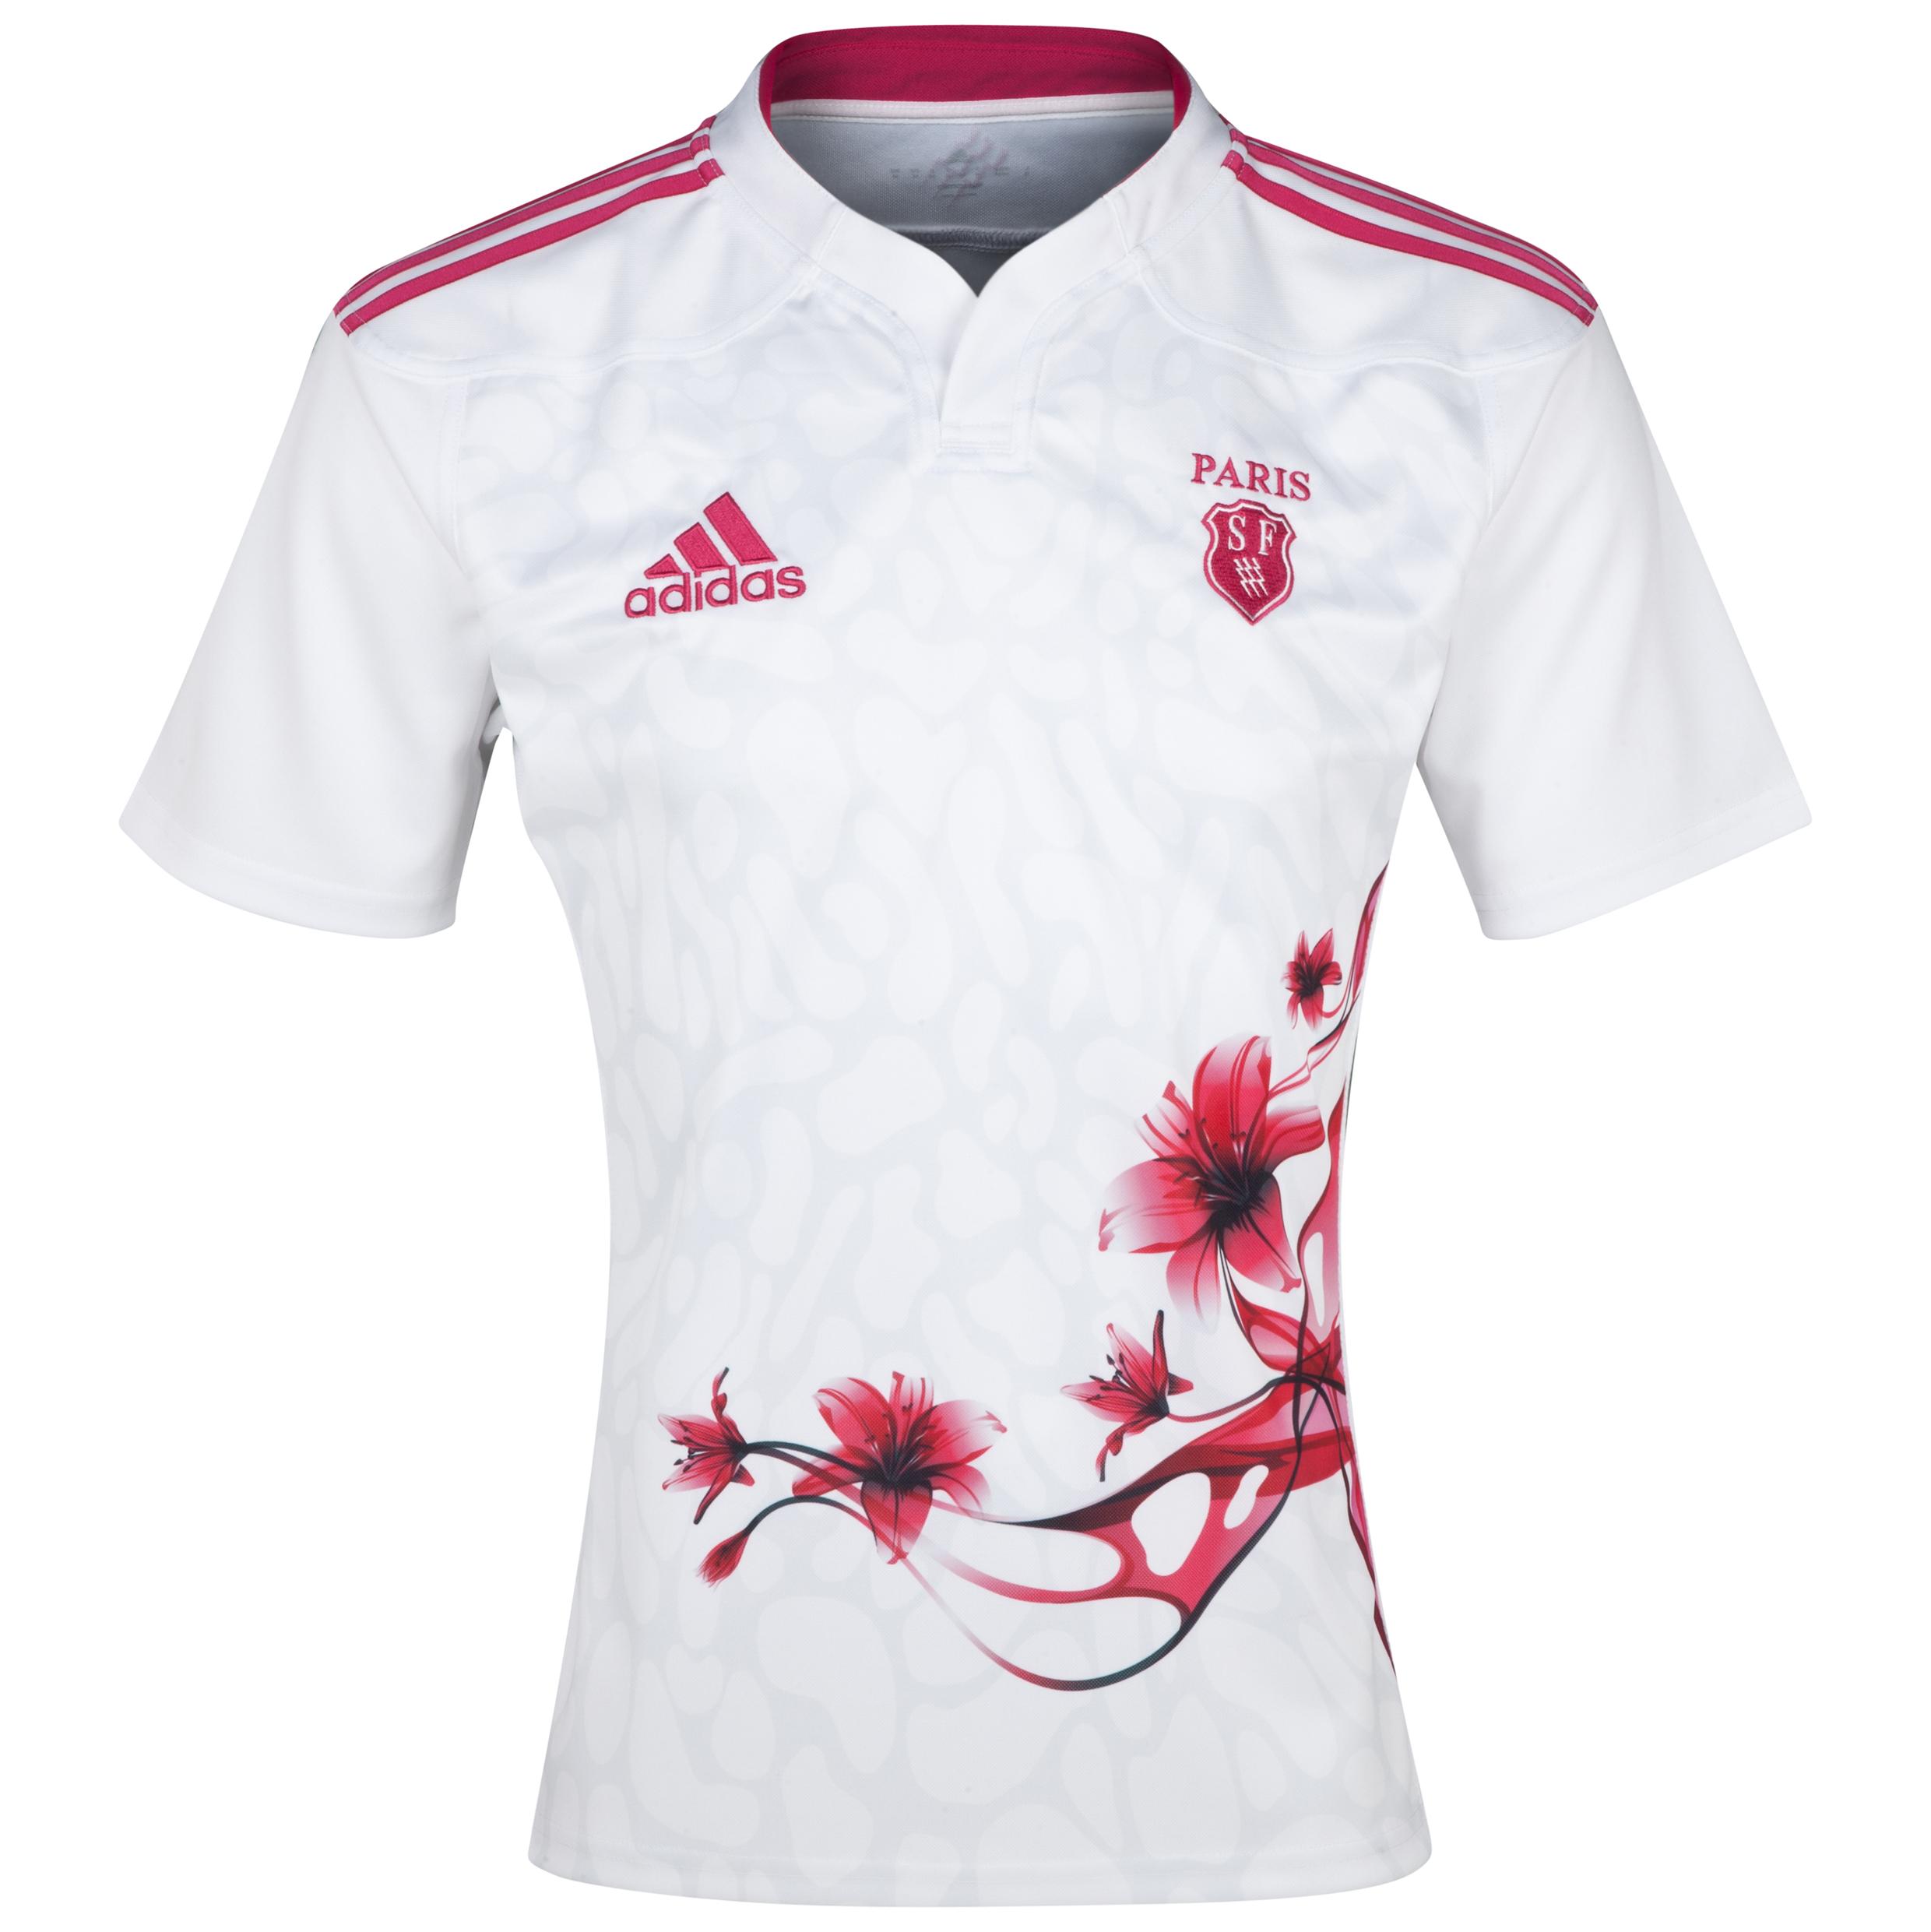 Stade Francais Home Shirt 2013/14